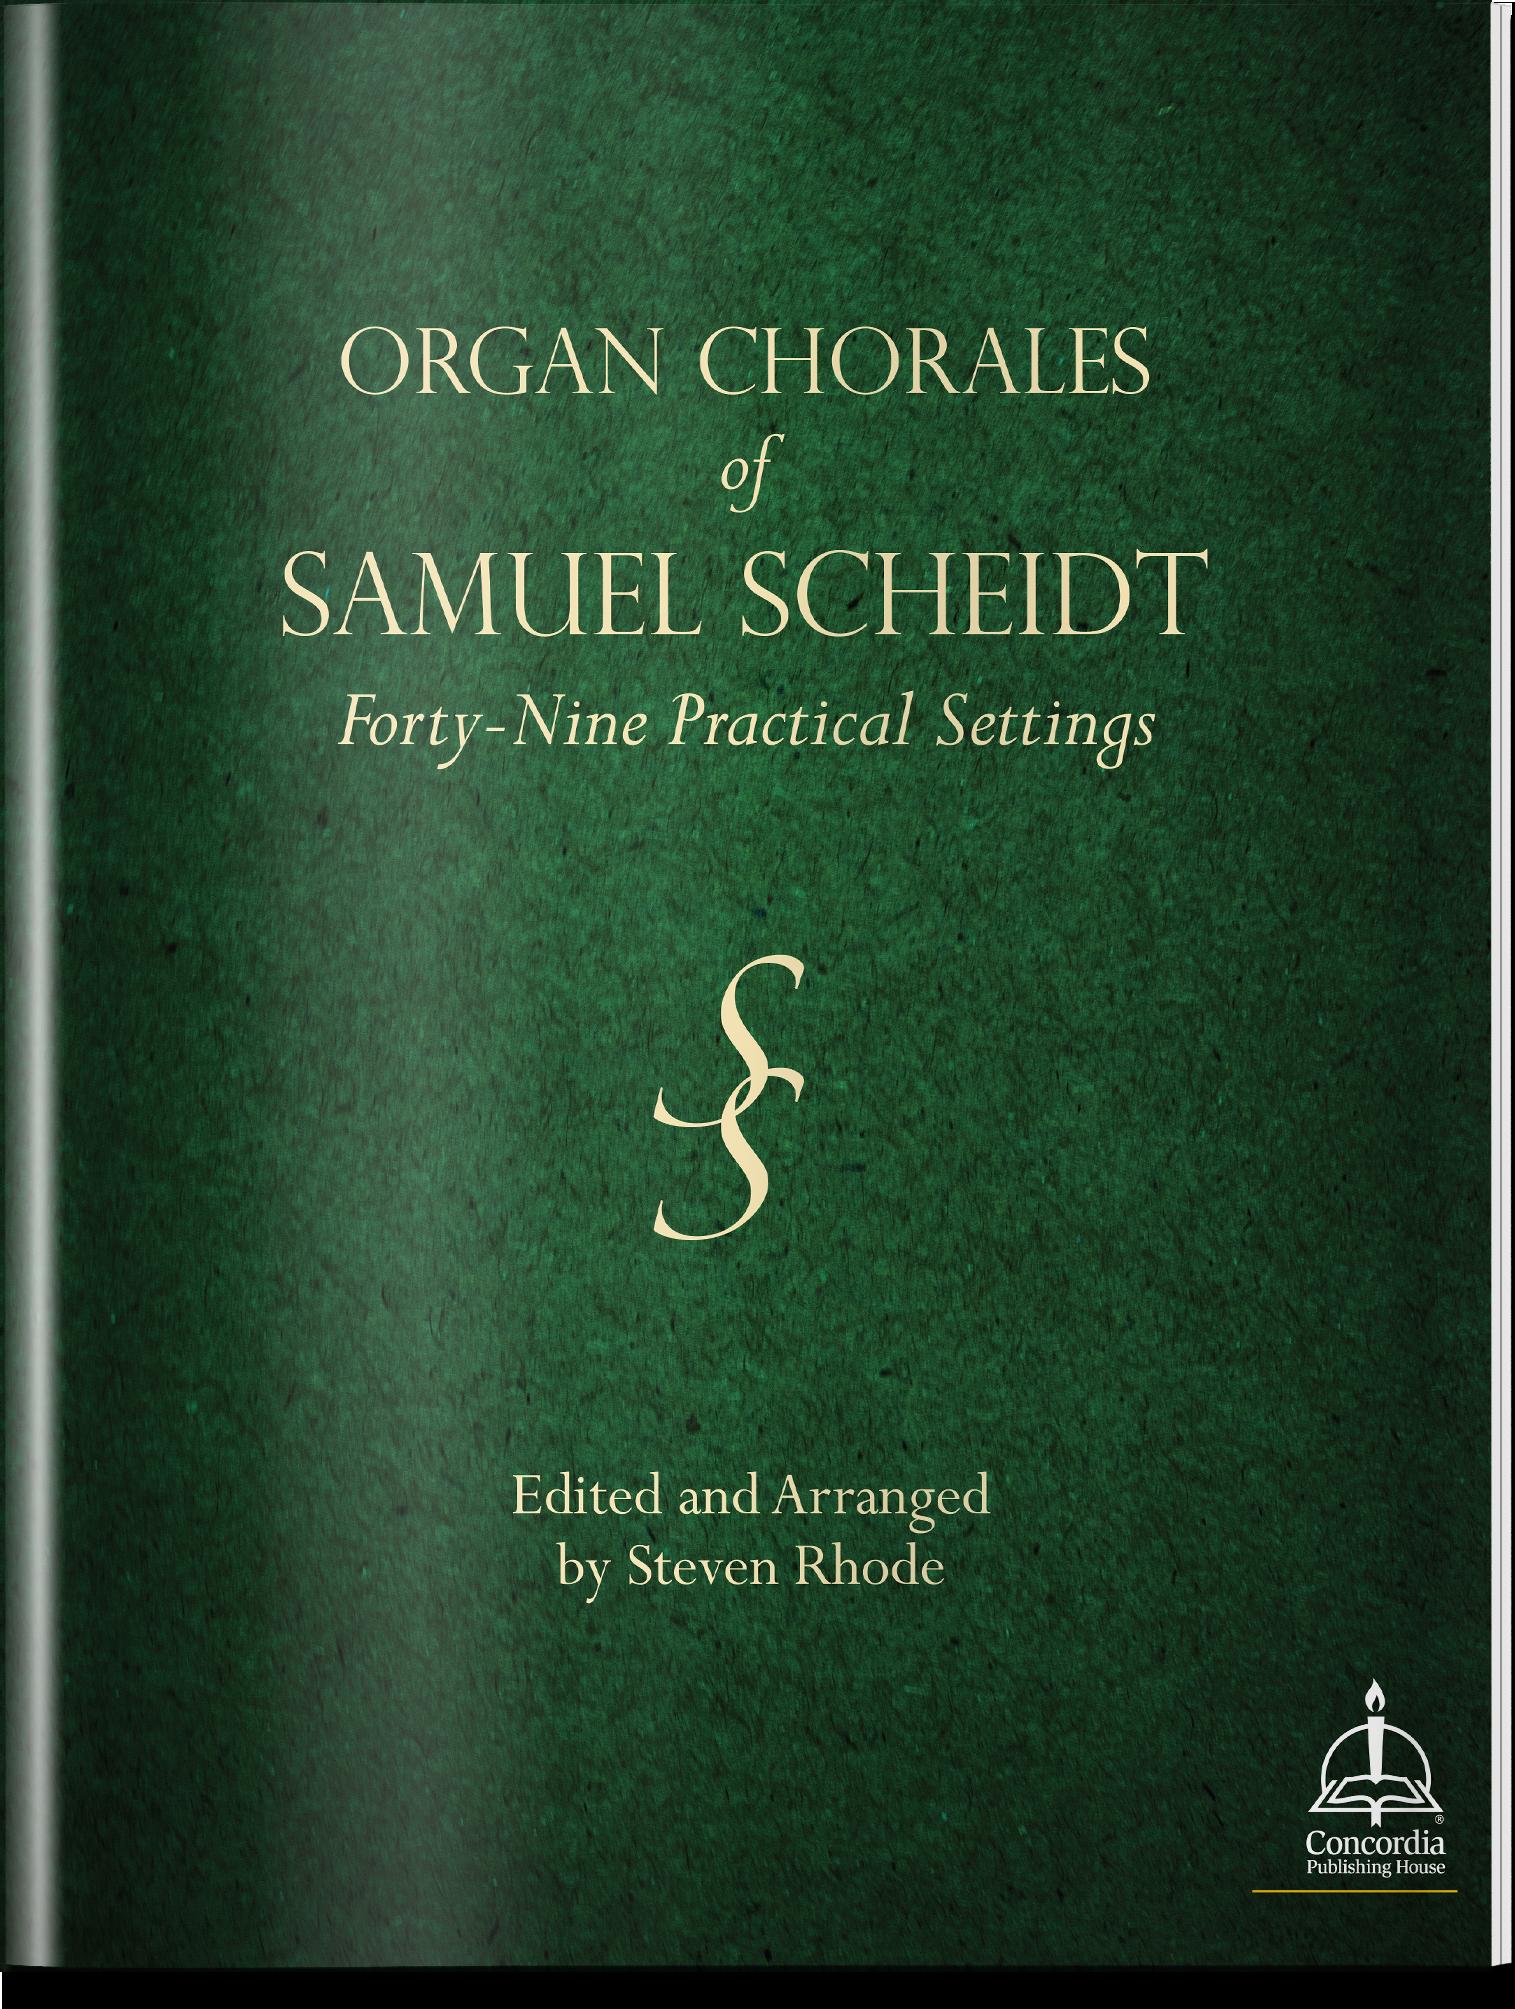 Organ Chorales of Samuel Scheidt: Forty-Nine Practical Settings